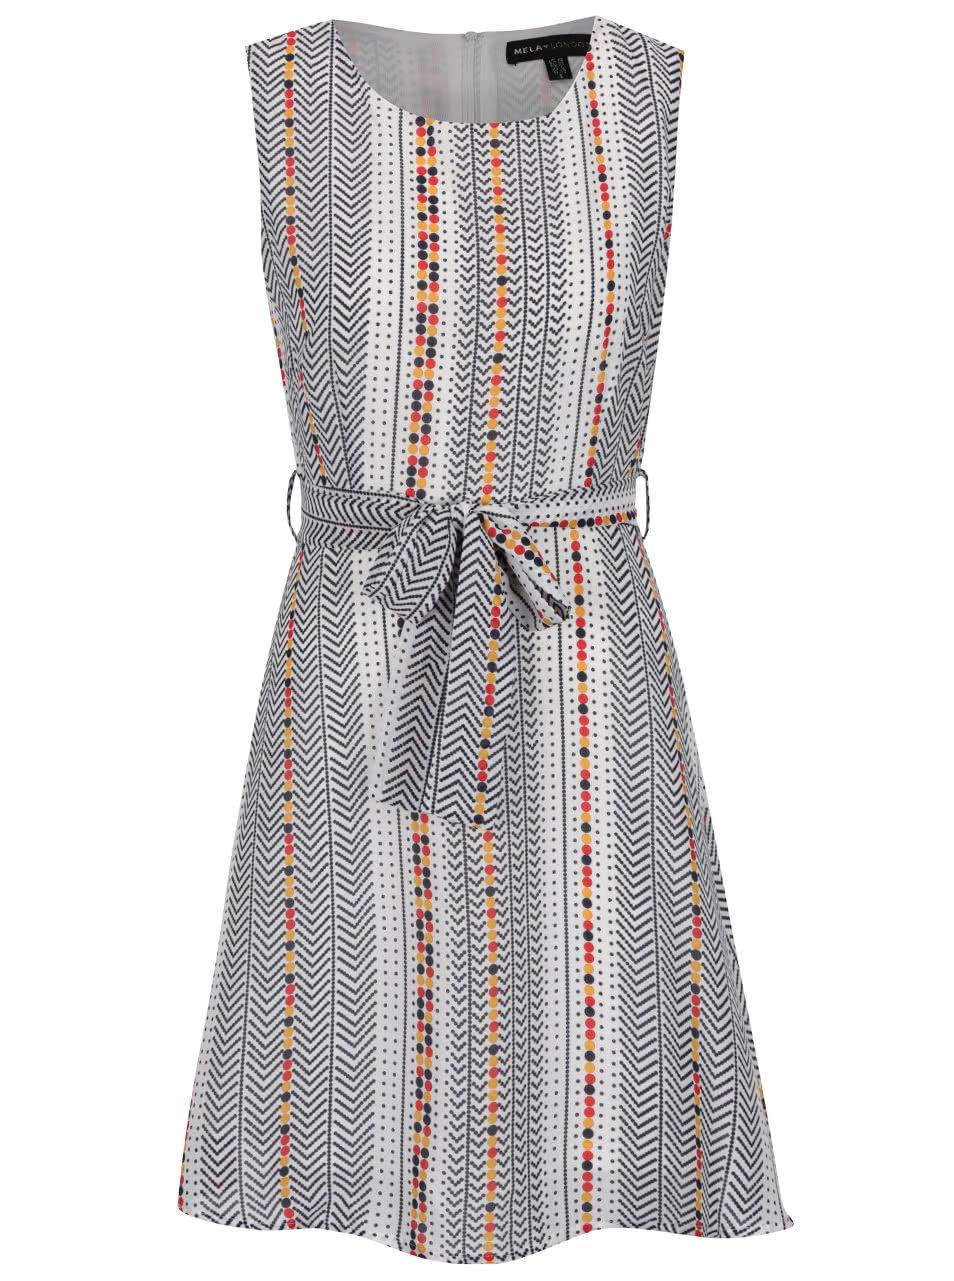 Černo-bílé vzorované šaty Mela London